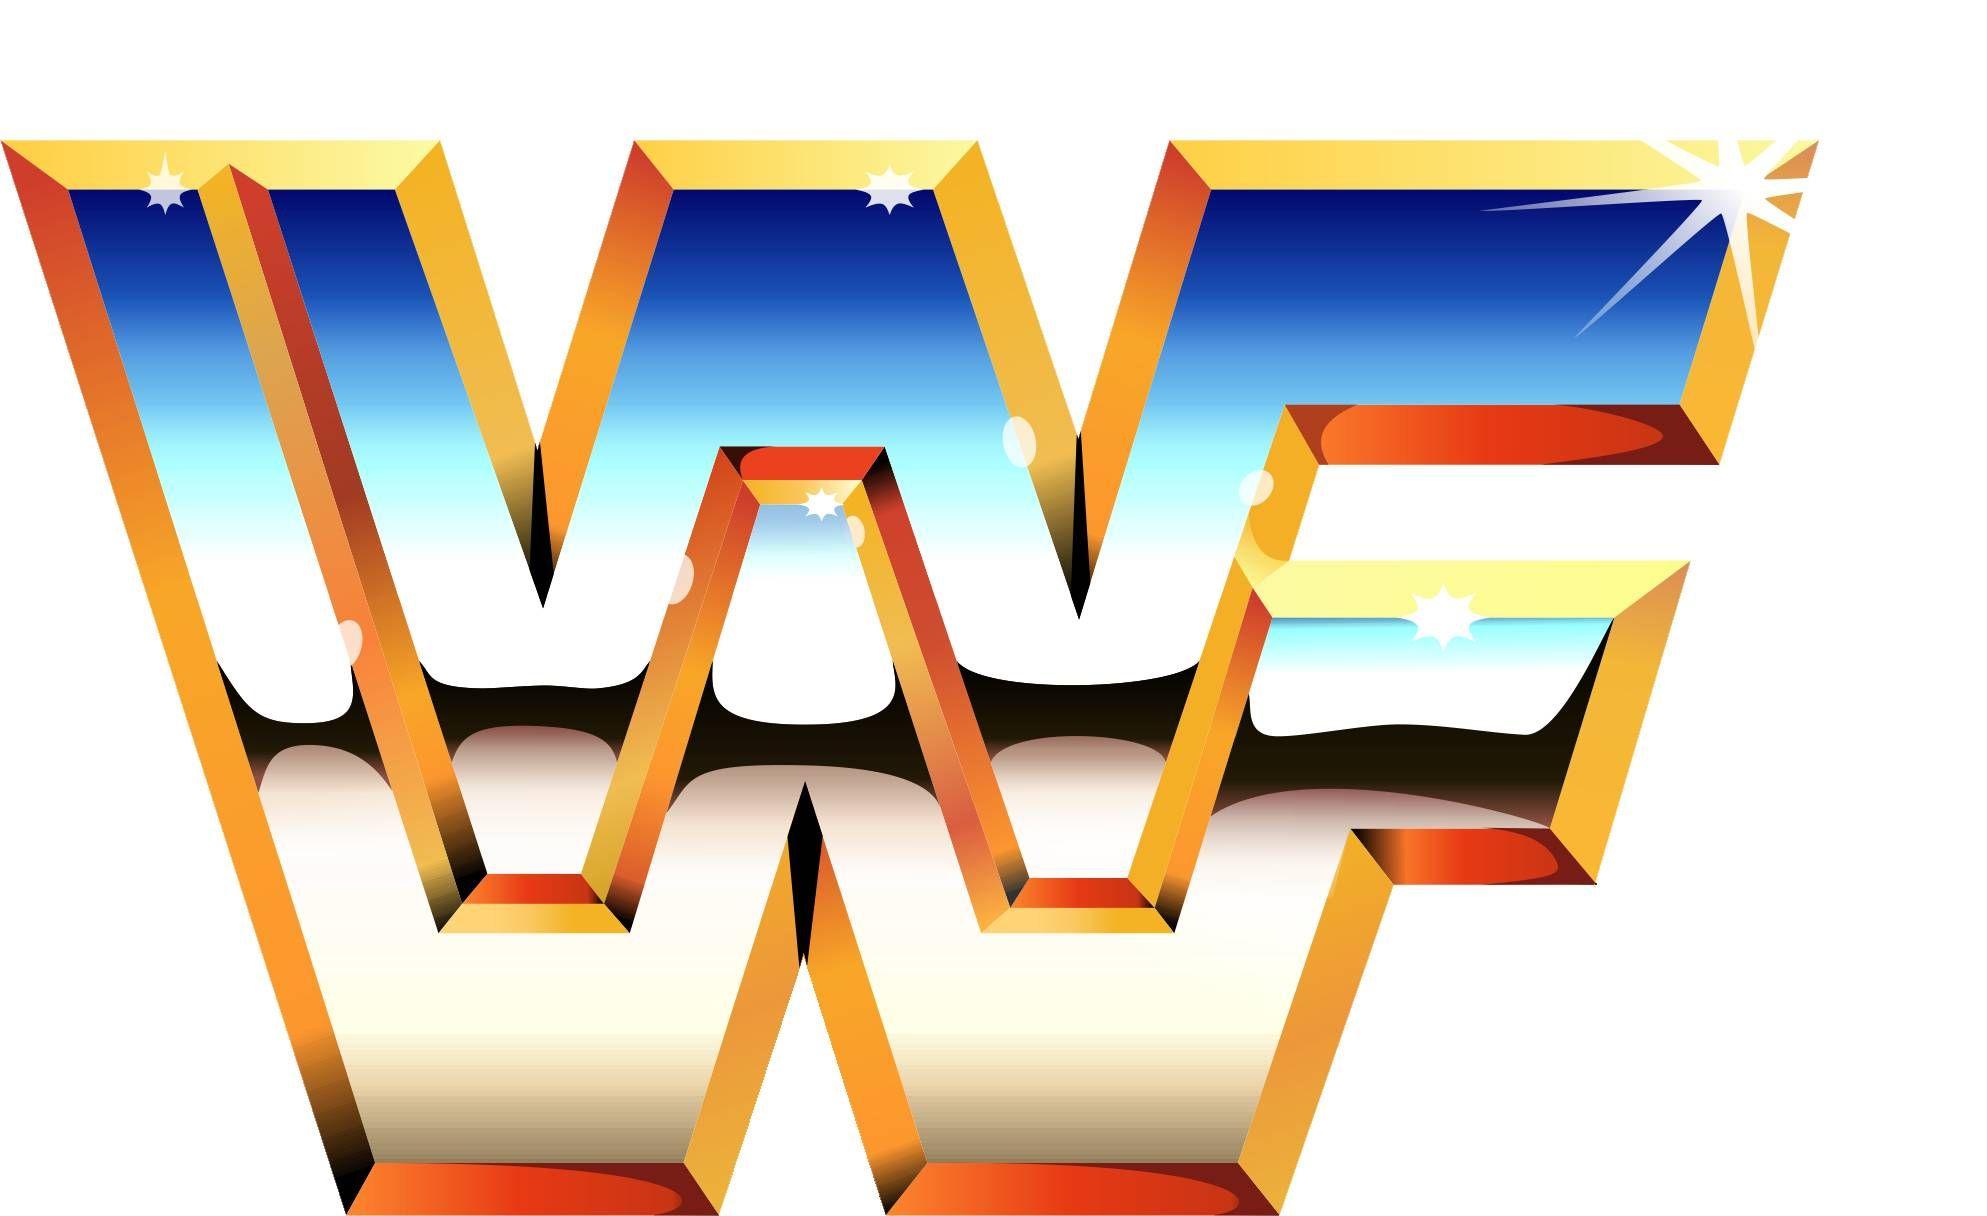 1987x1216 Wwf Logo 80s Toy Logos School Logo, Logo Pictures